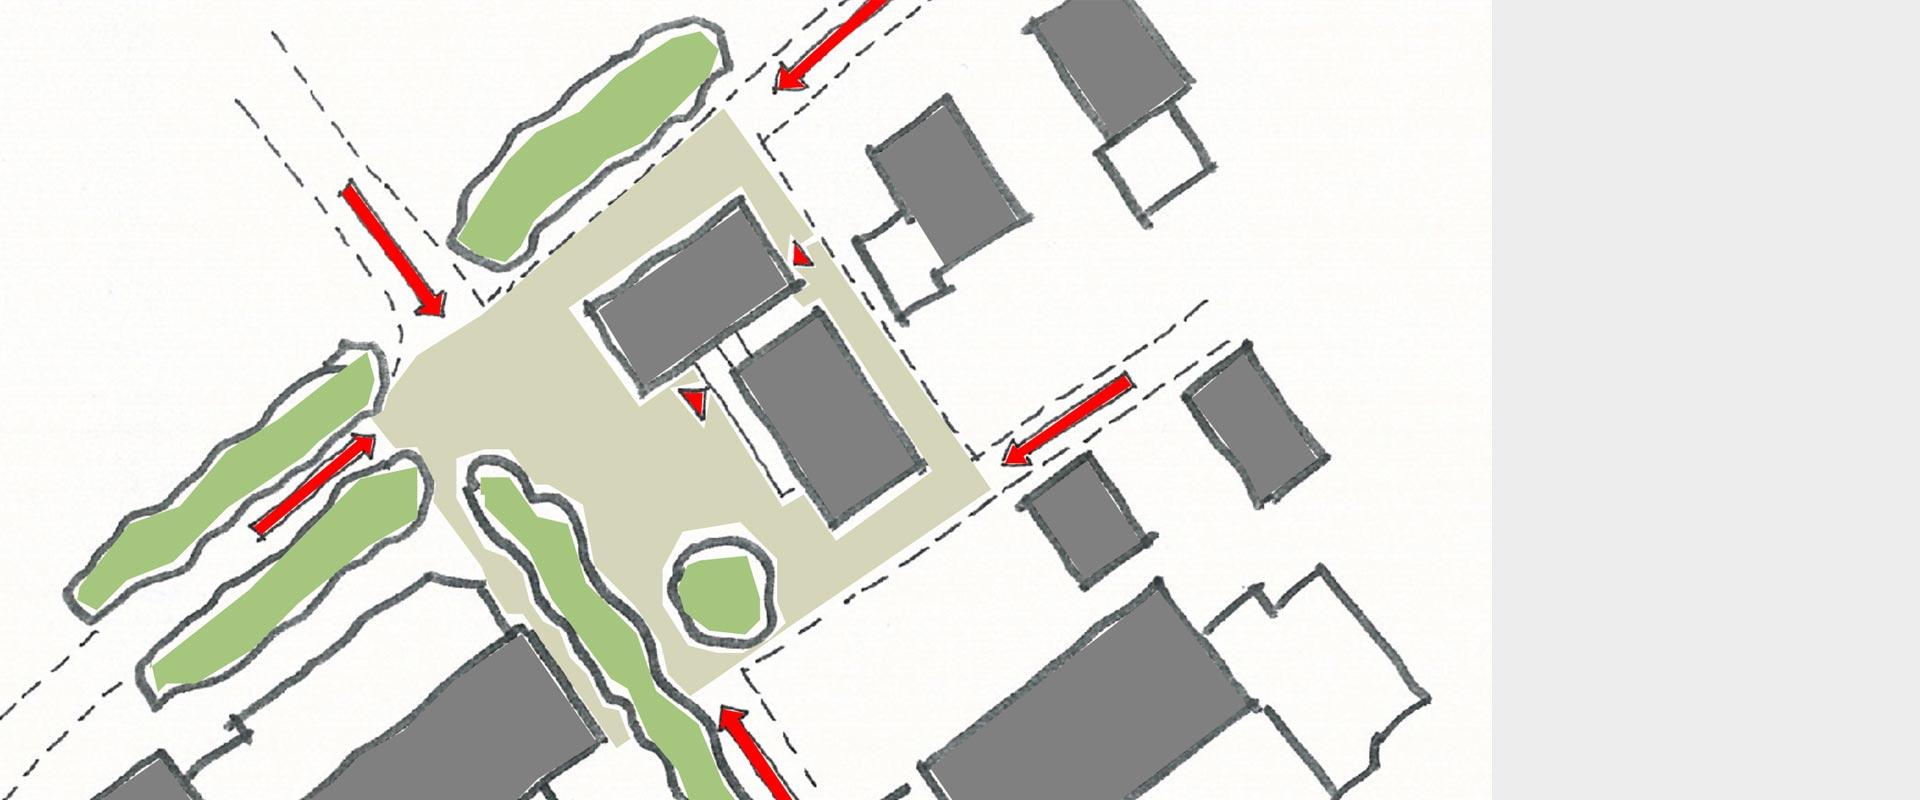 Architekturbüro Musahl Rathaus Dogern Laufwege